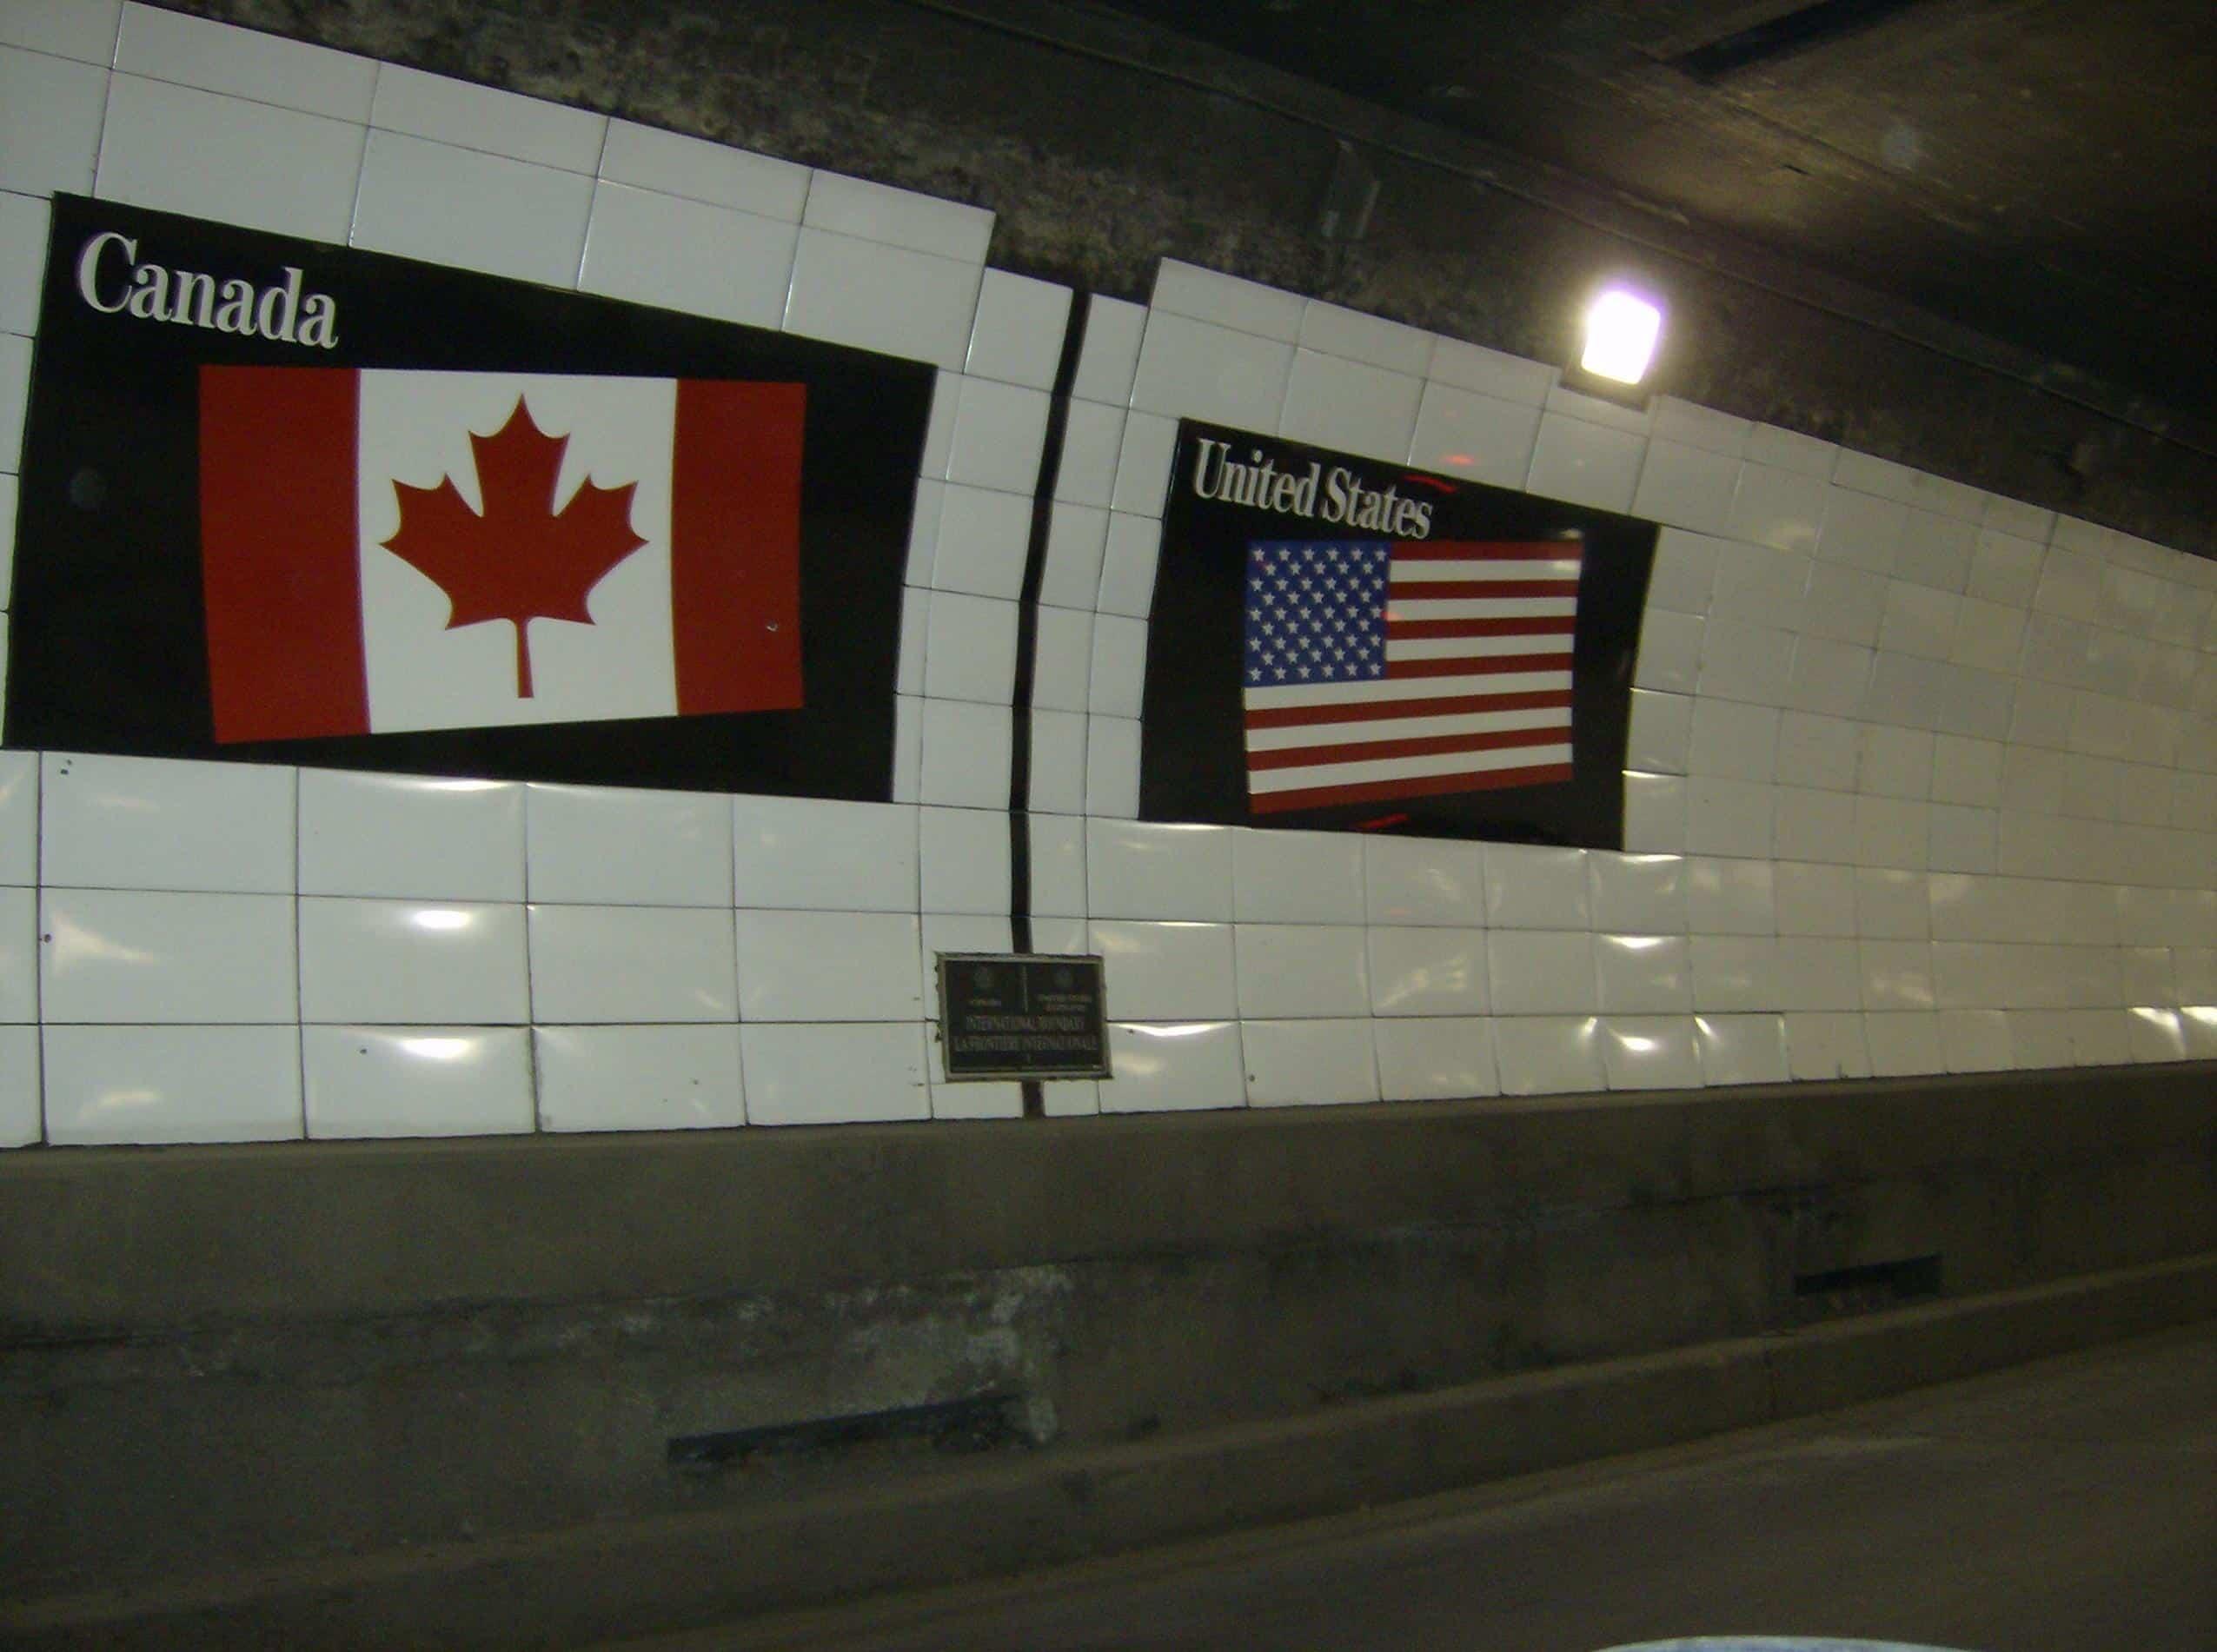 Directorio de Escuelas de Ontario cancela viajes a Estados Unidos aduciendo razones de seguridad y equidad